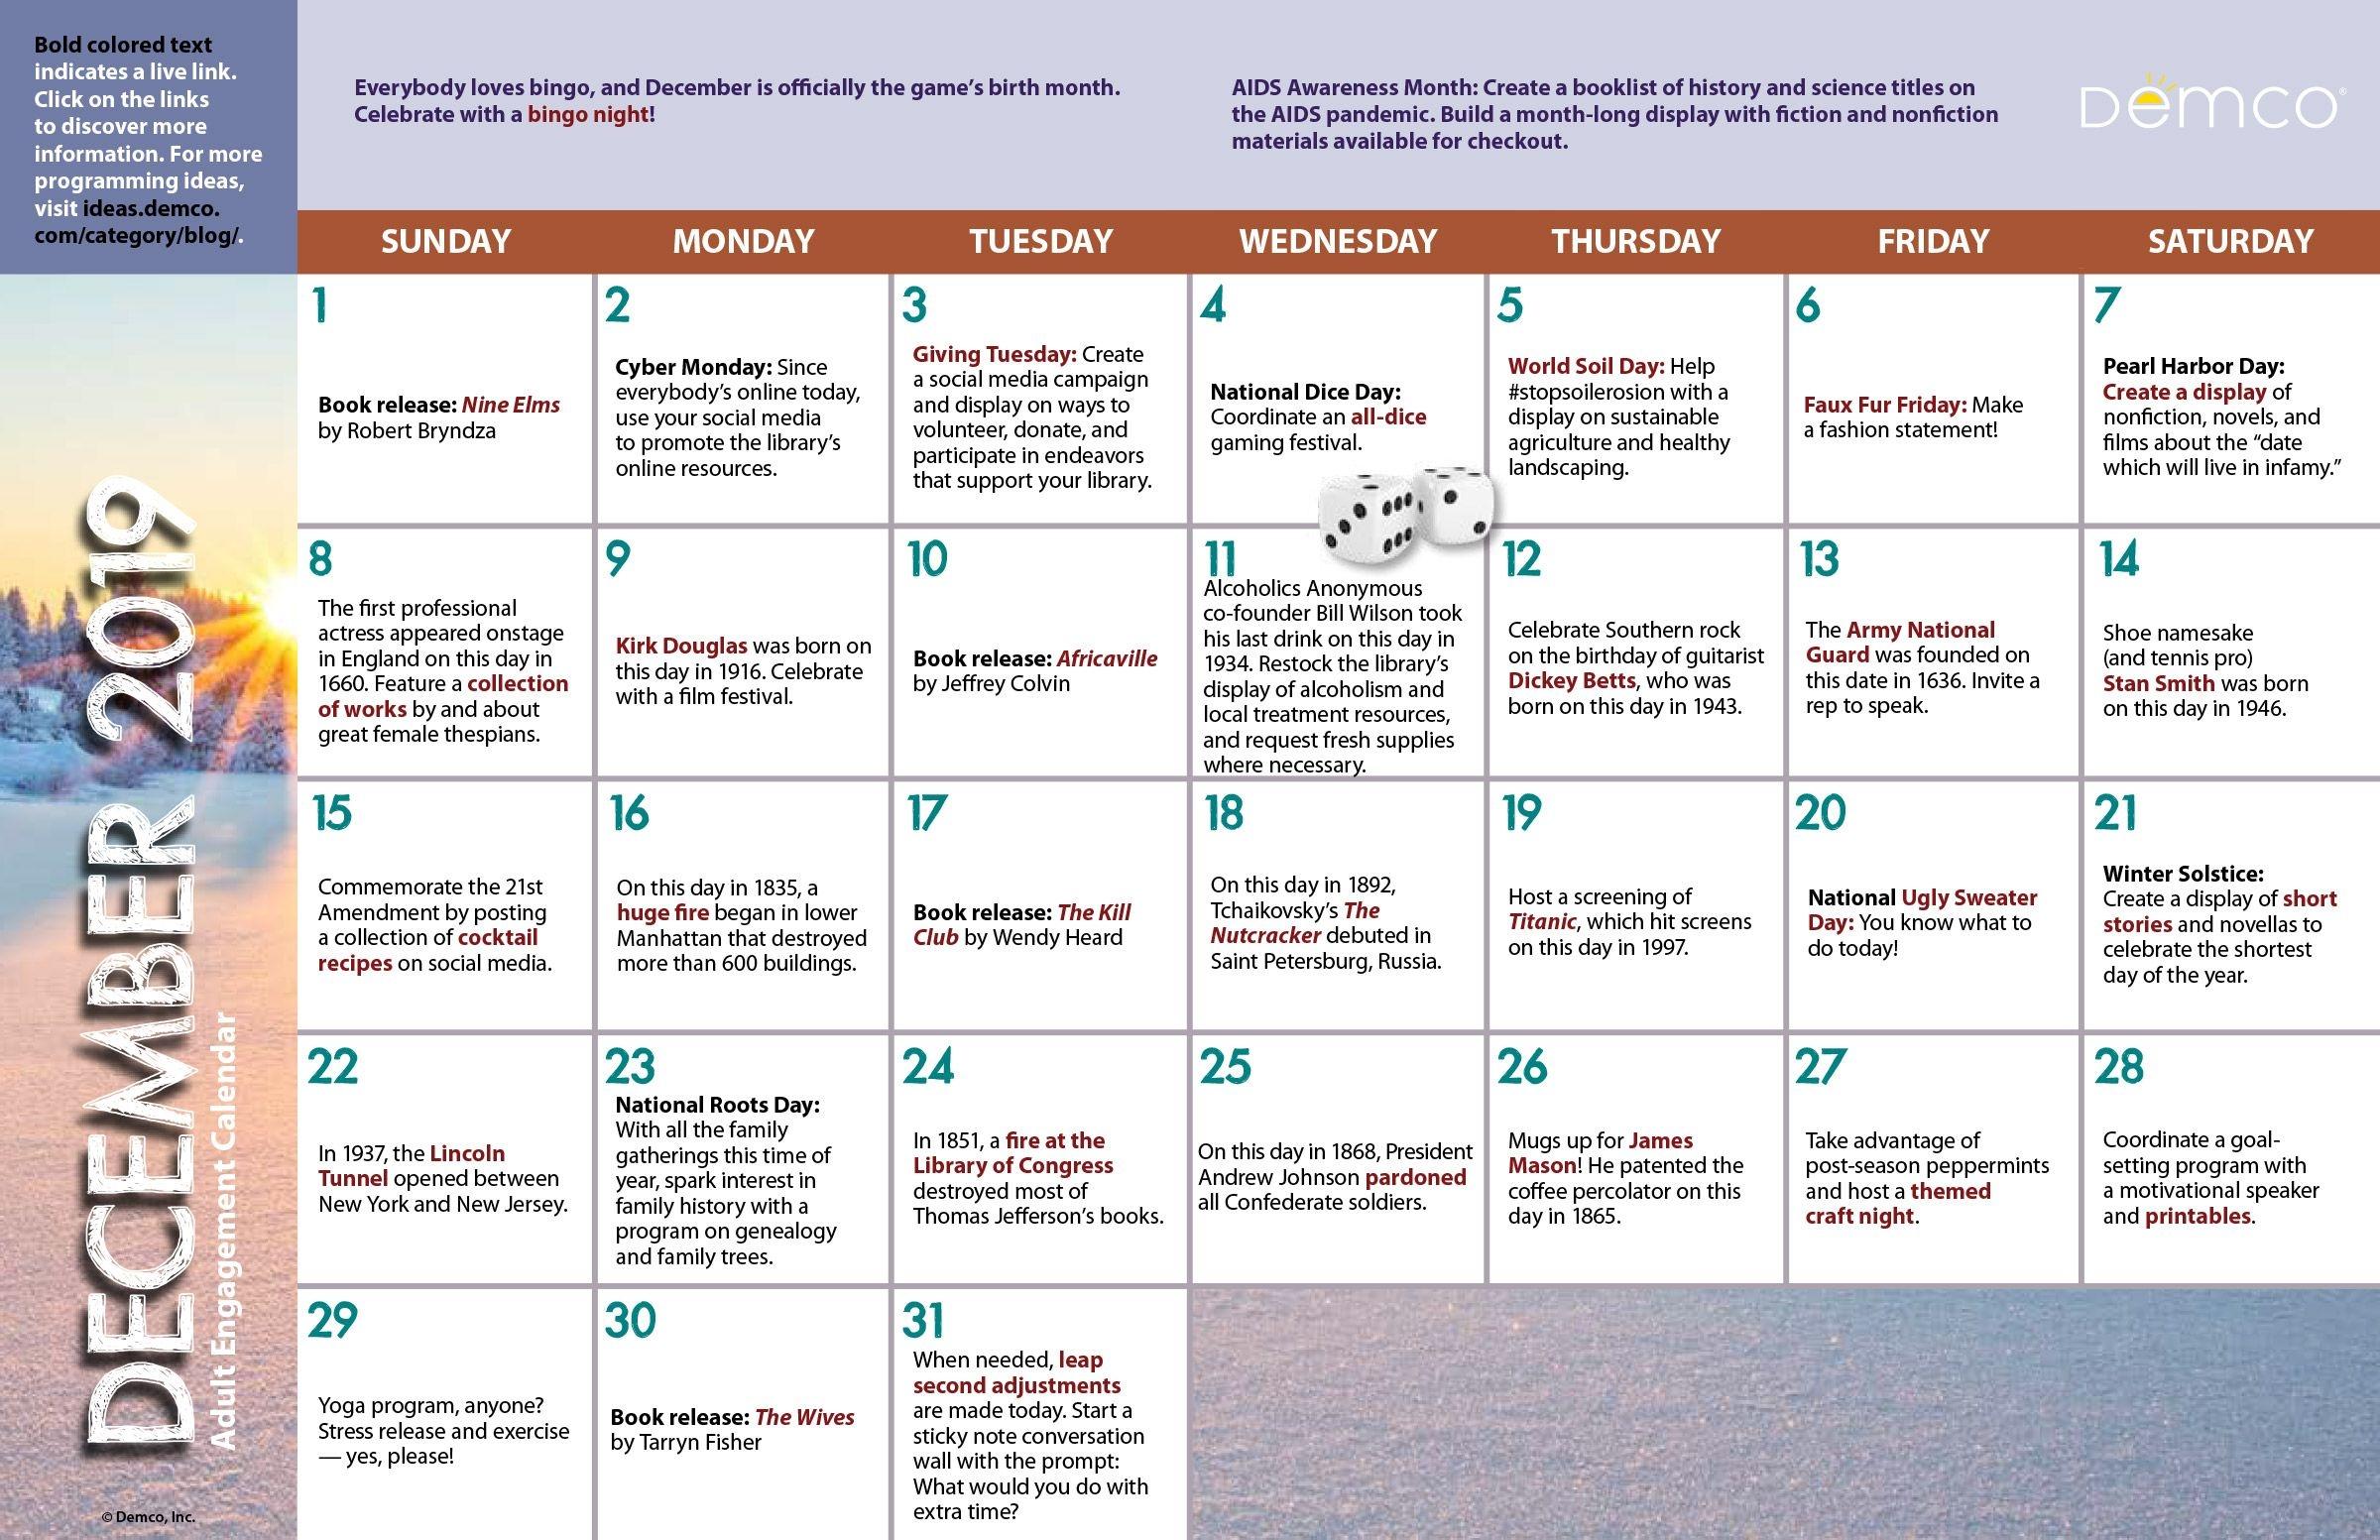 Adult Activity Calendar: December 2019 Ideas & Inspiration